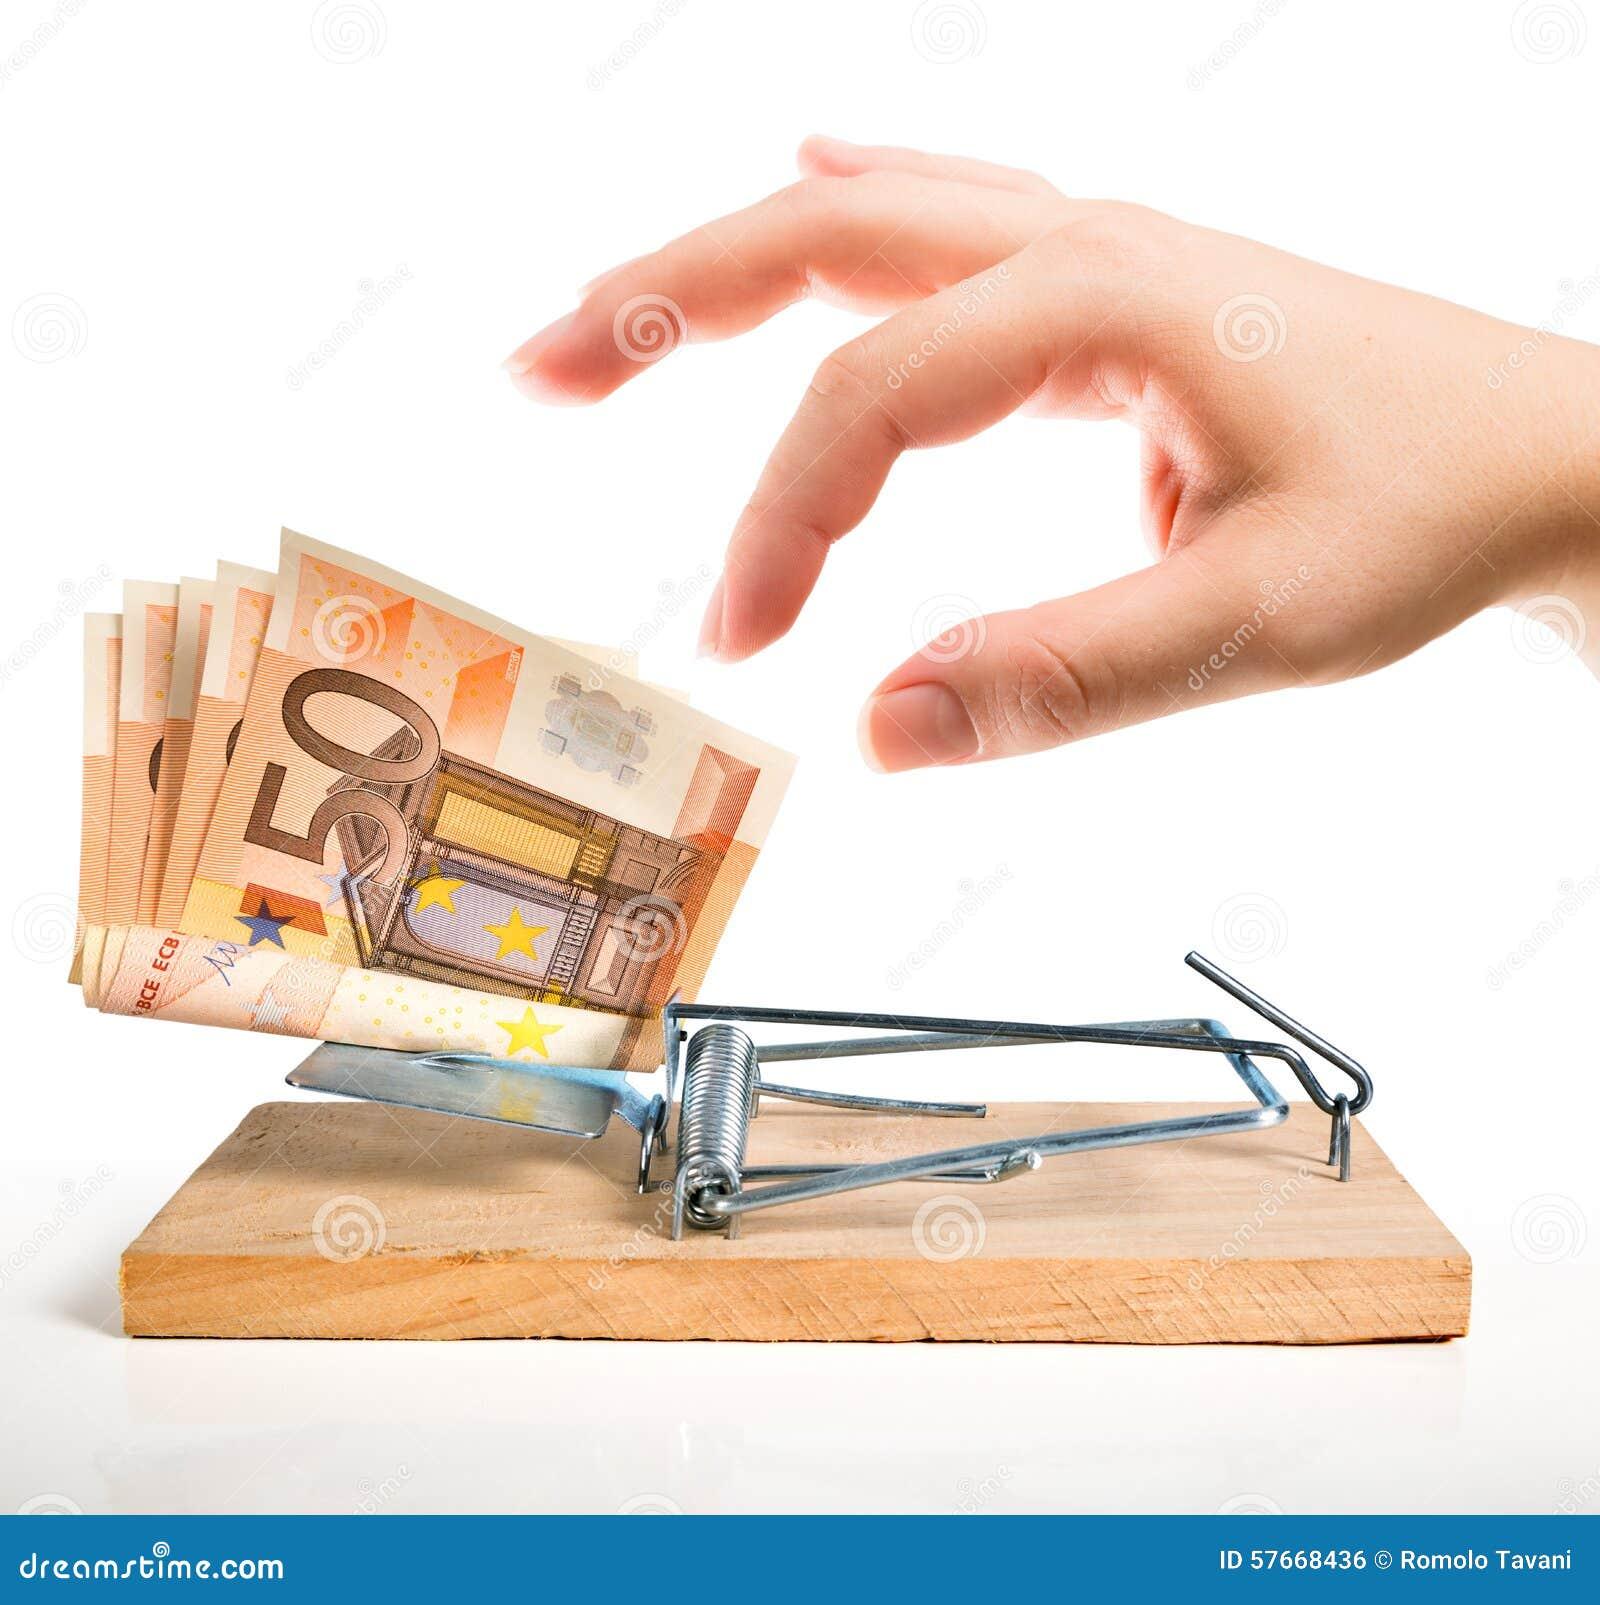 Trappola dei soldi - euro esca